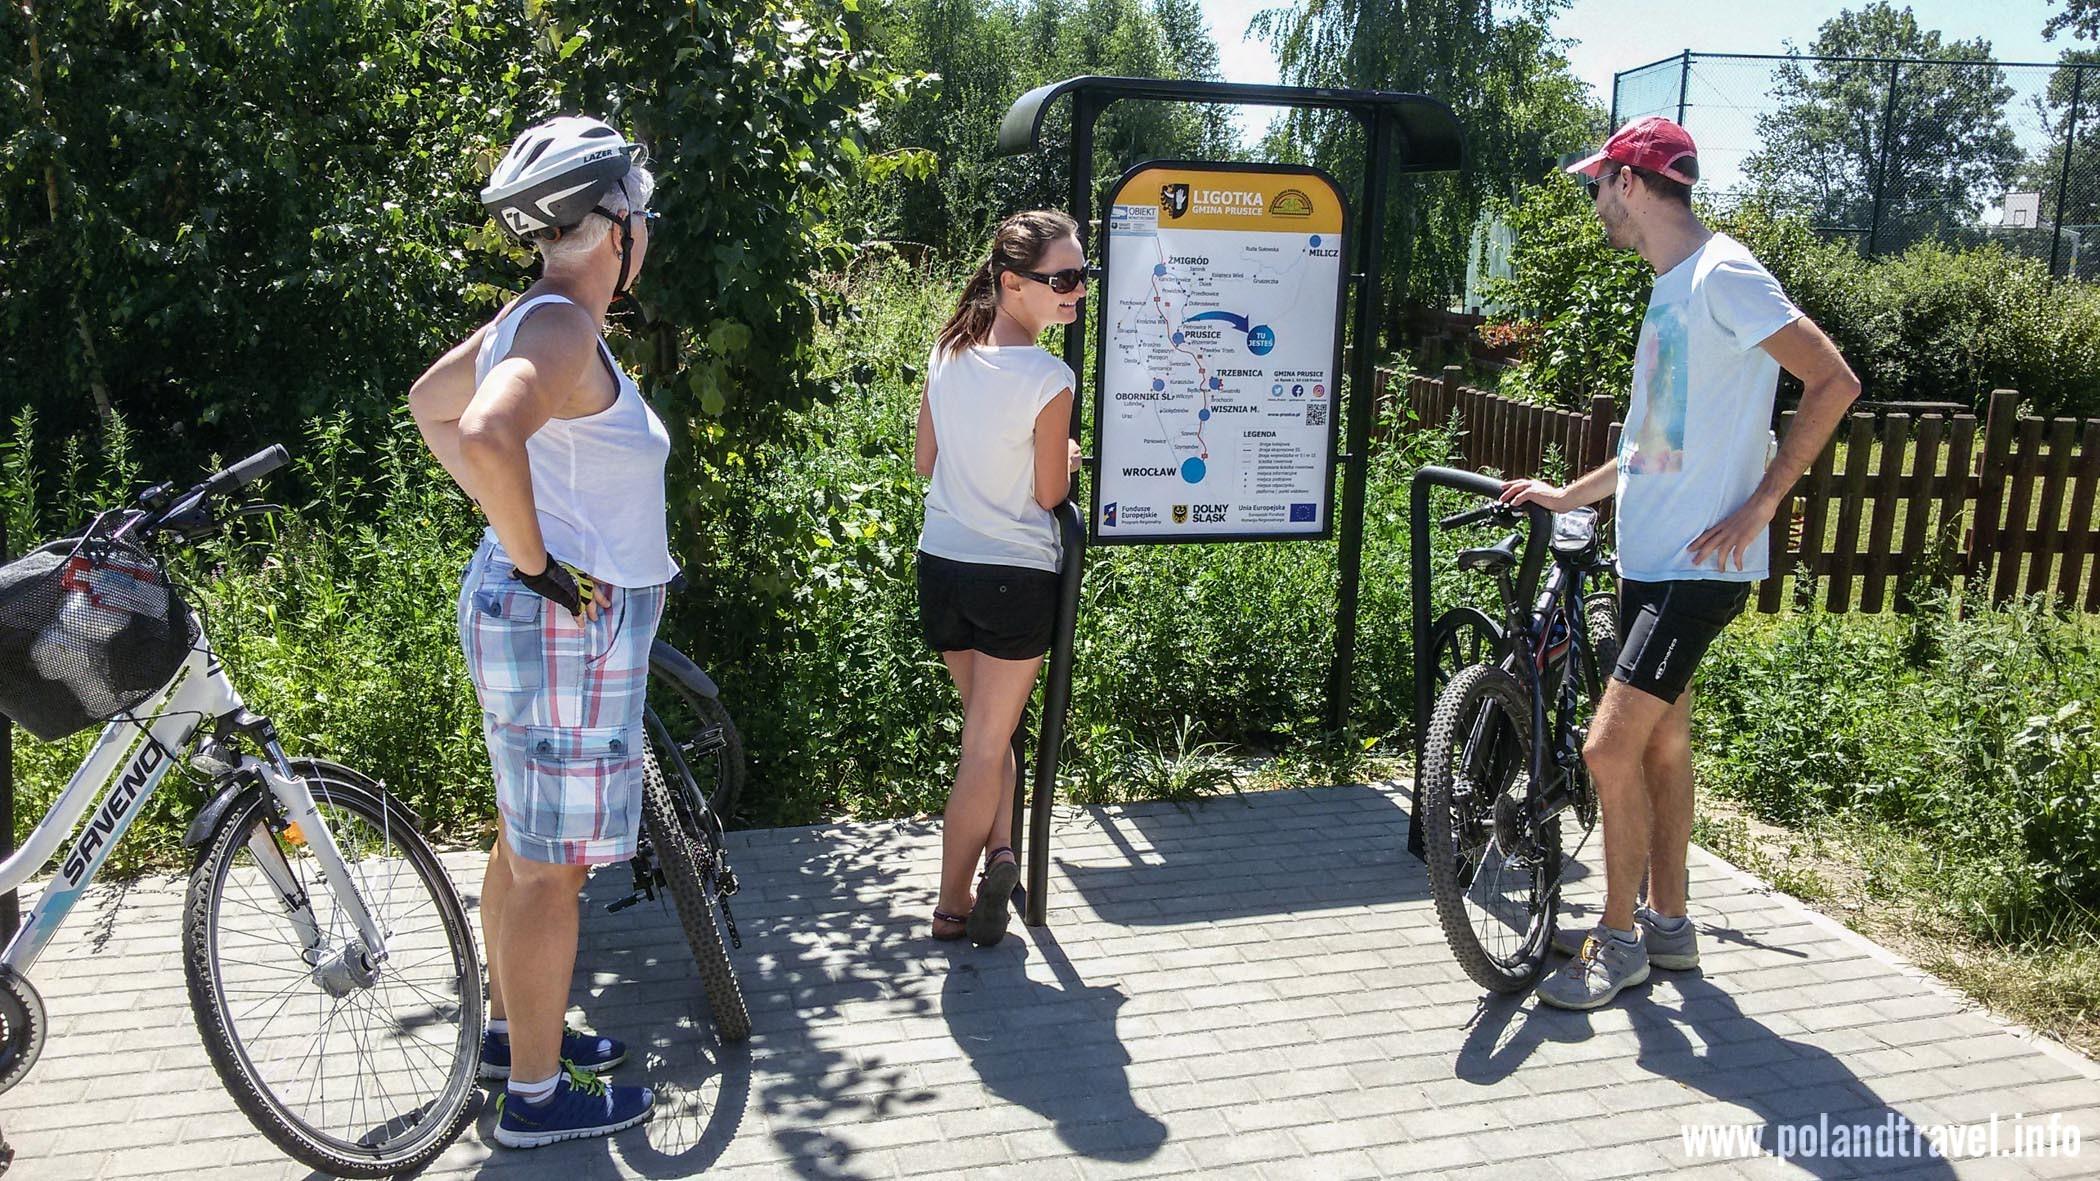 Trójka rowerzystów przed schematem ścieżek rowerowych